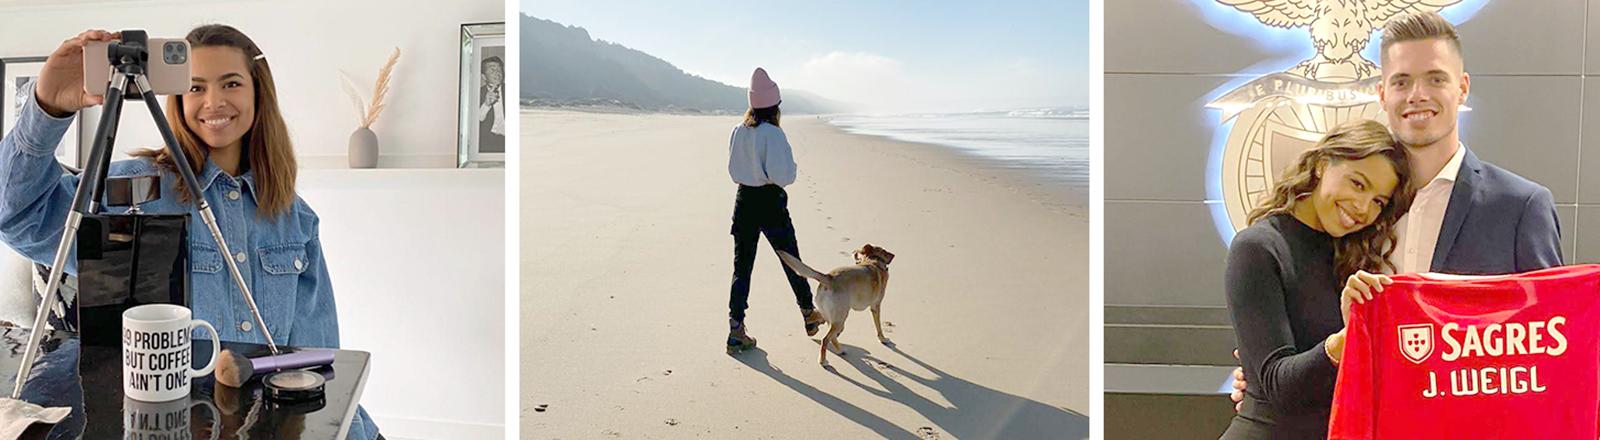 Drei Bilder der Moderatorin und Spielerfrau Sarah Richmond: beim Selfie-Machen, mit Hund am Strand, mit ihrem Verlobtem, dem Fußballprofi Julian Weigl